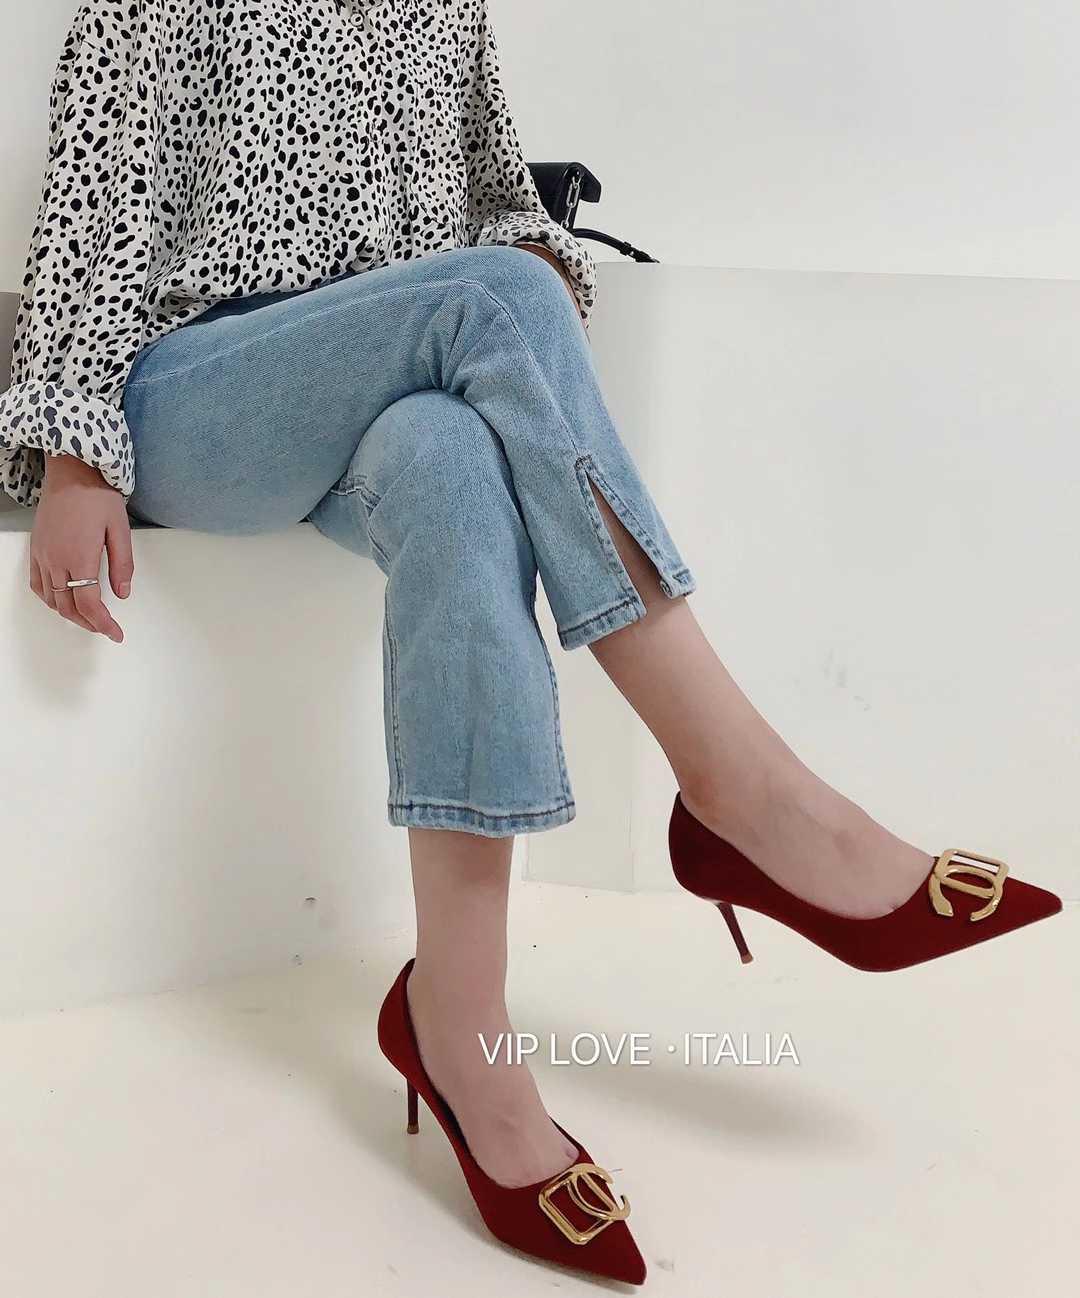 Viplove螺纹高跟鞋女鞋爆款百搭细跟尖头时尚单鞋爆款三色